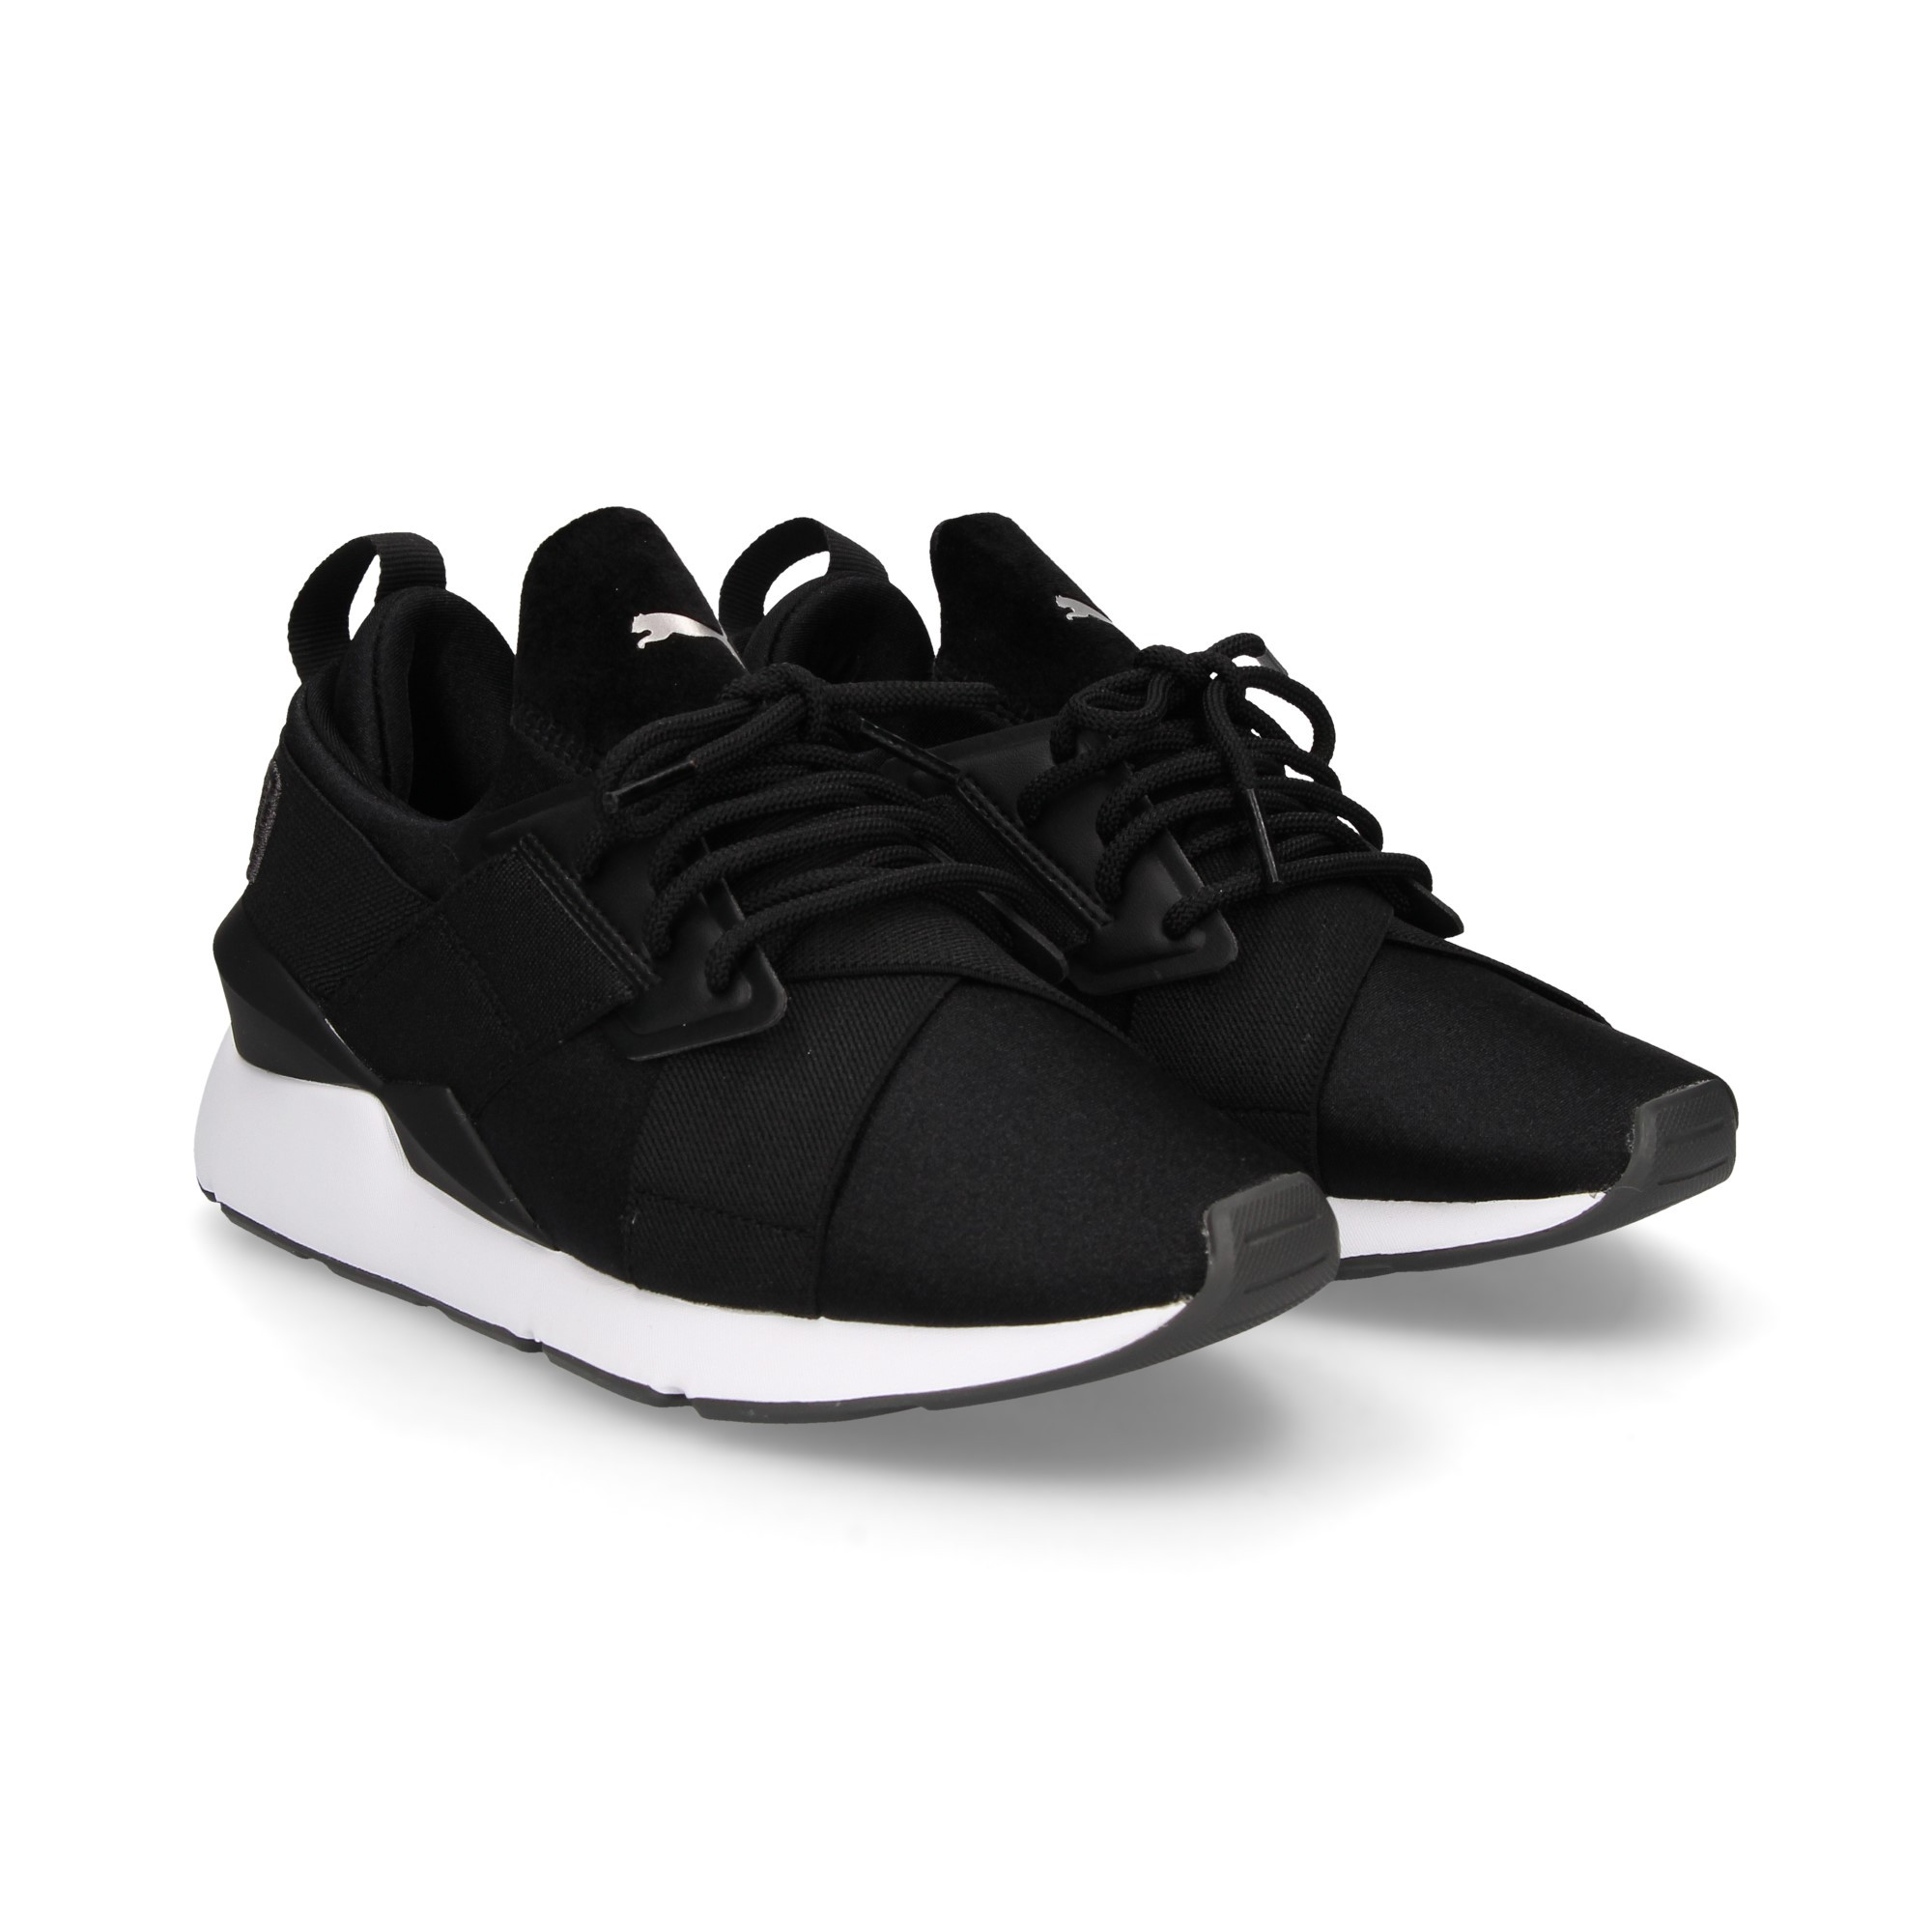 Asphal Chaussures Sport Puma 02 De Femmes Black Pour 368427 TJlKcF1